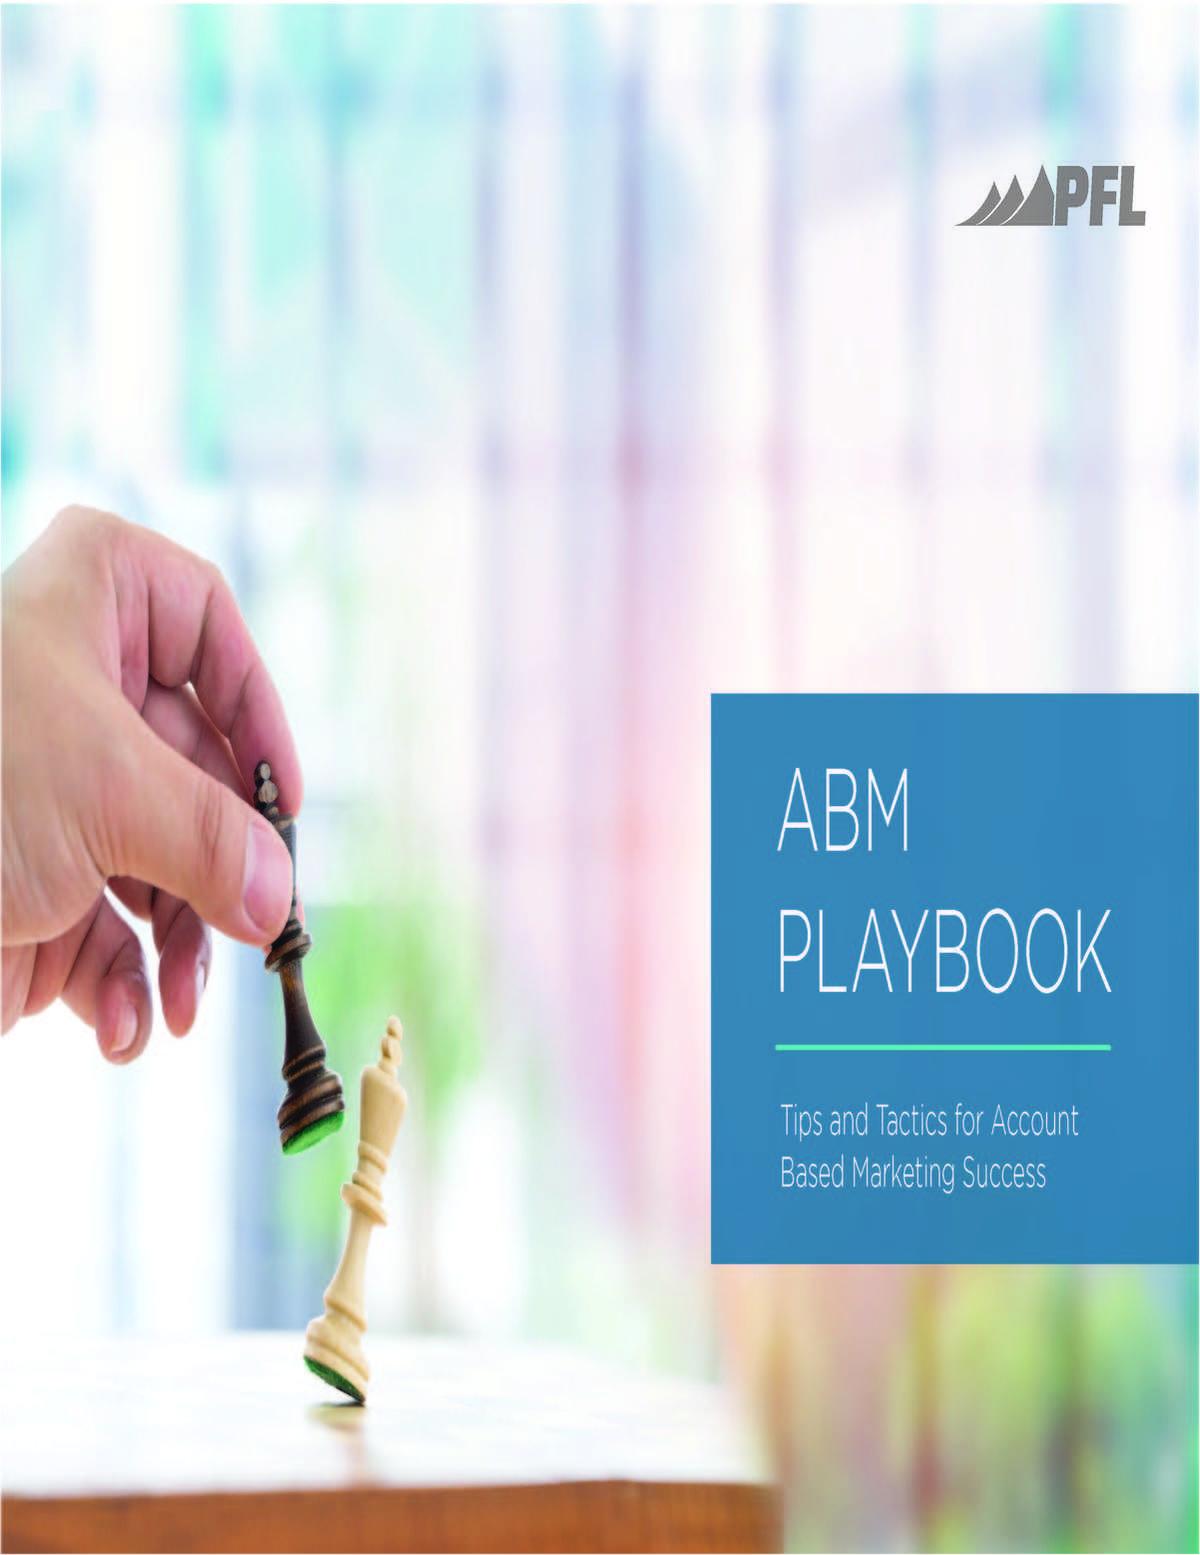 ABM Playbook